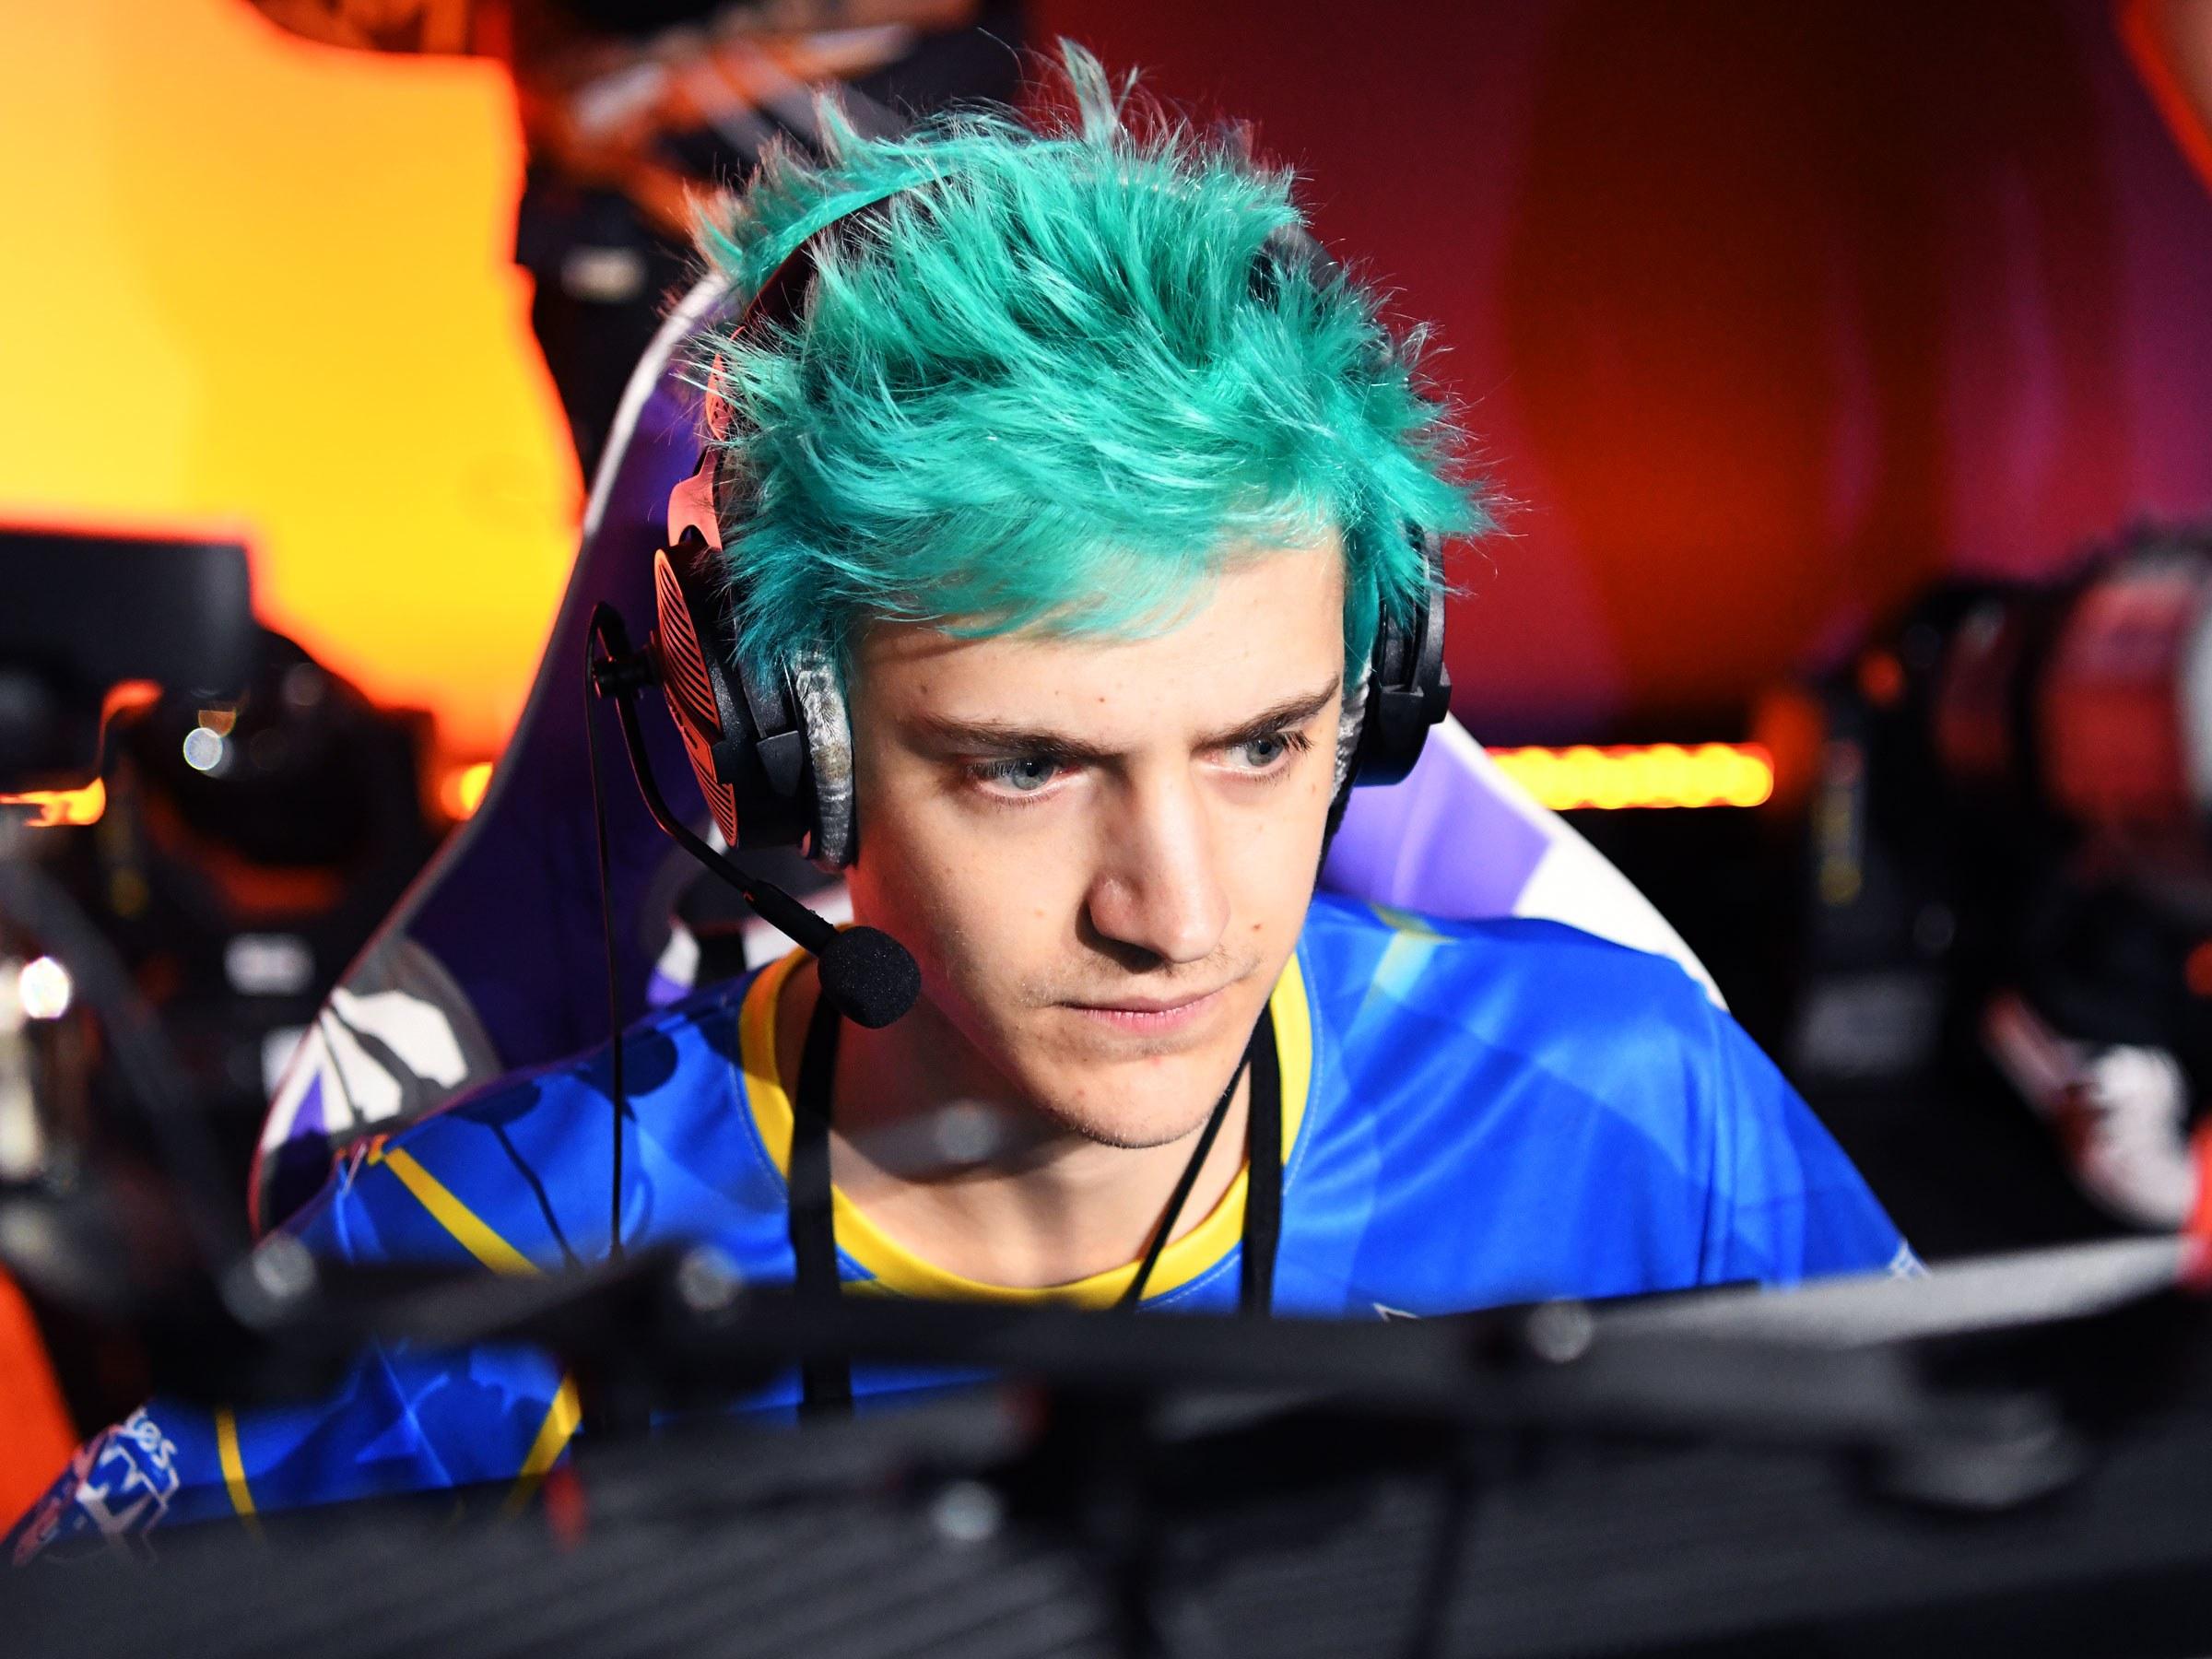 Ninja, cel mai celebru streamer din lume, a plecat de pe Twitch